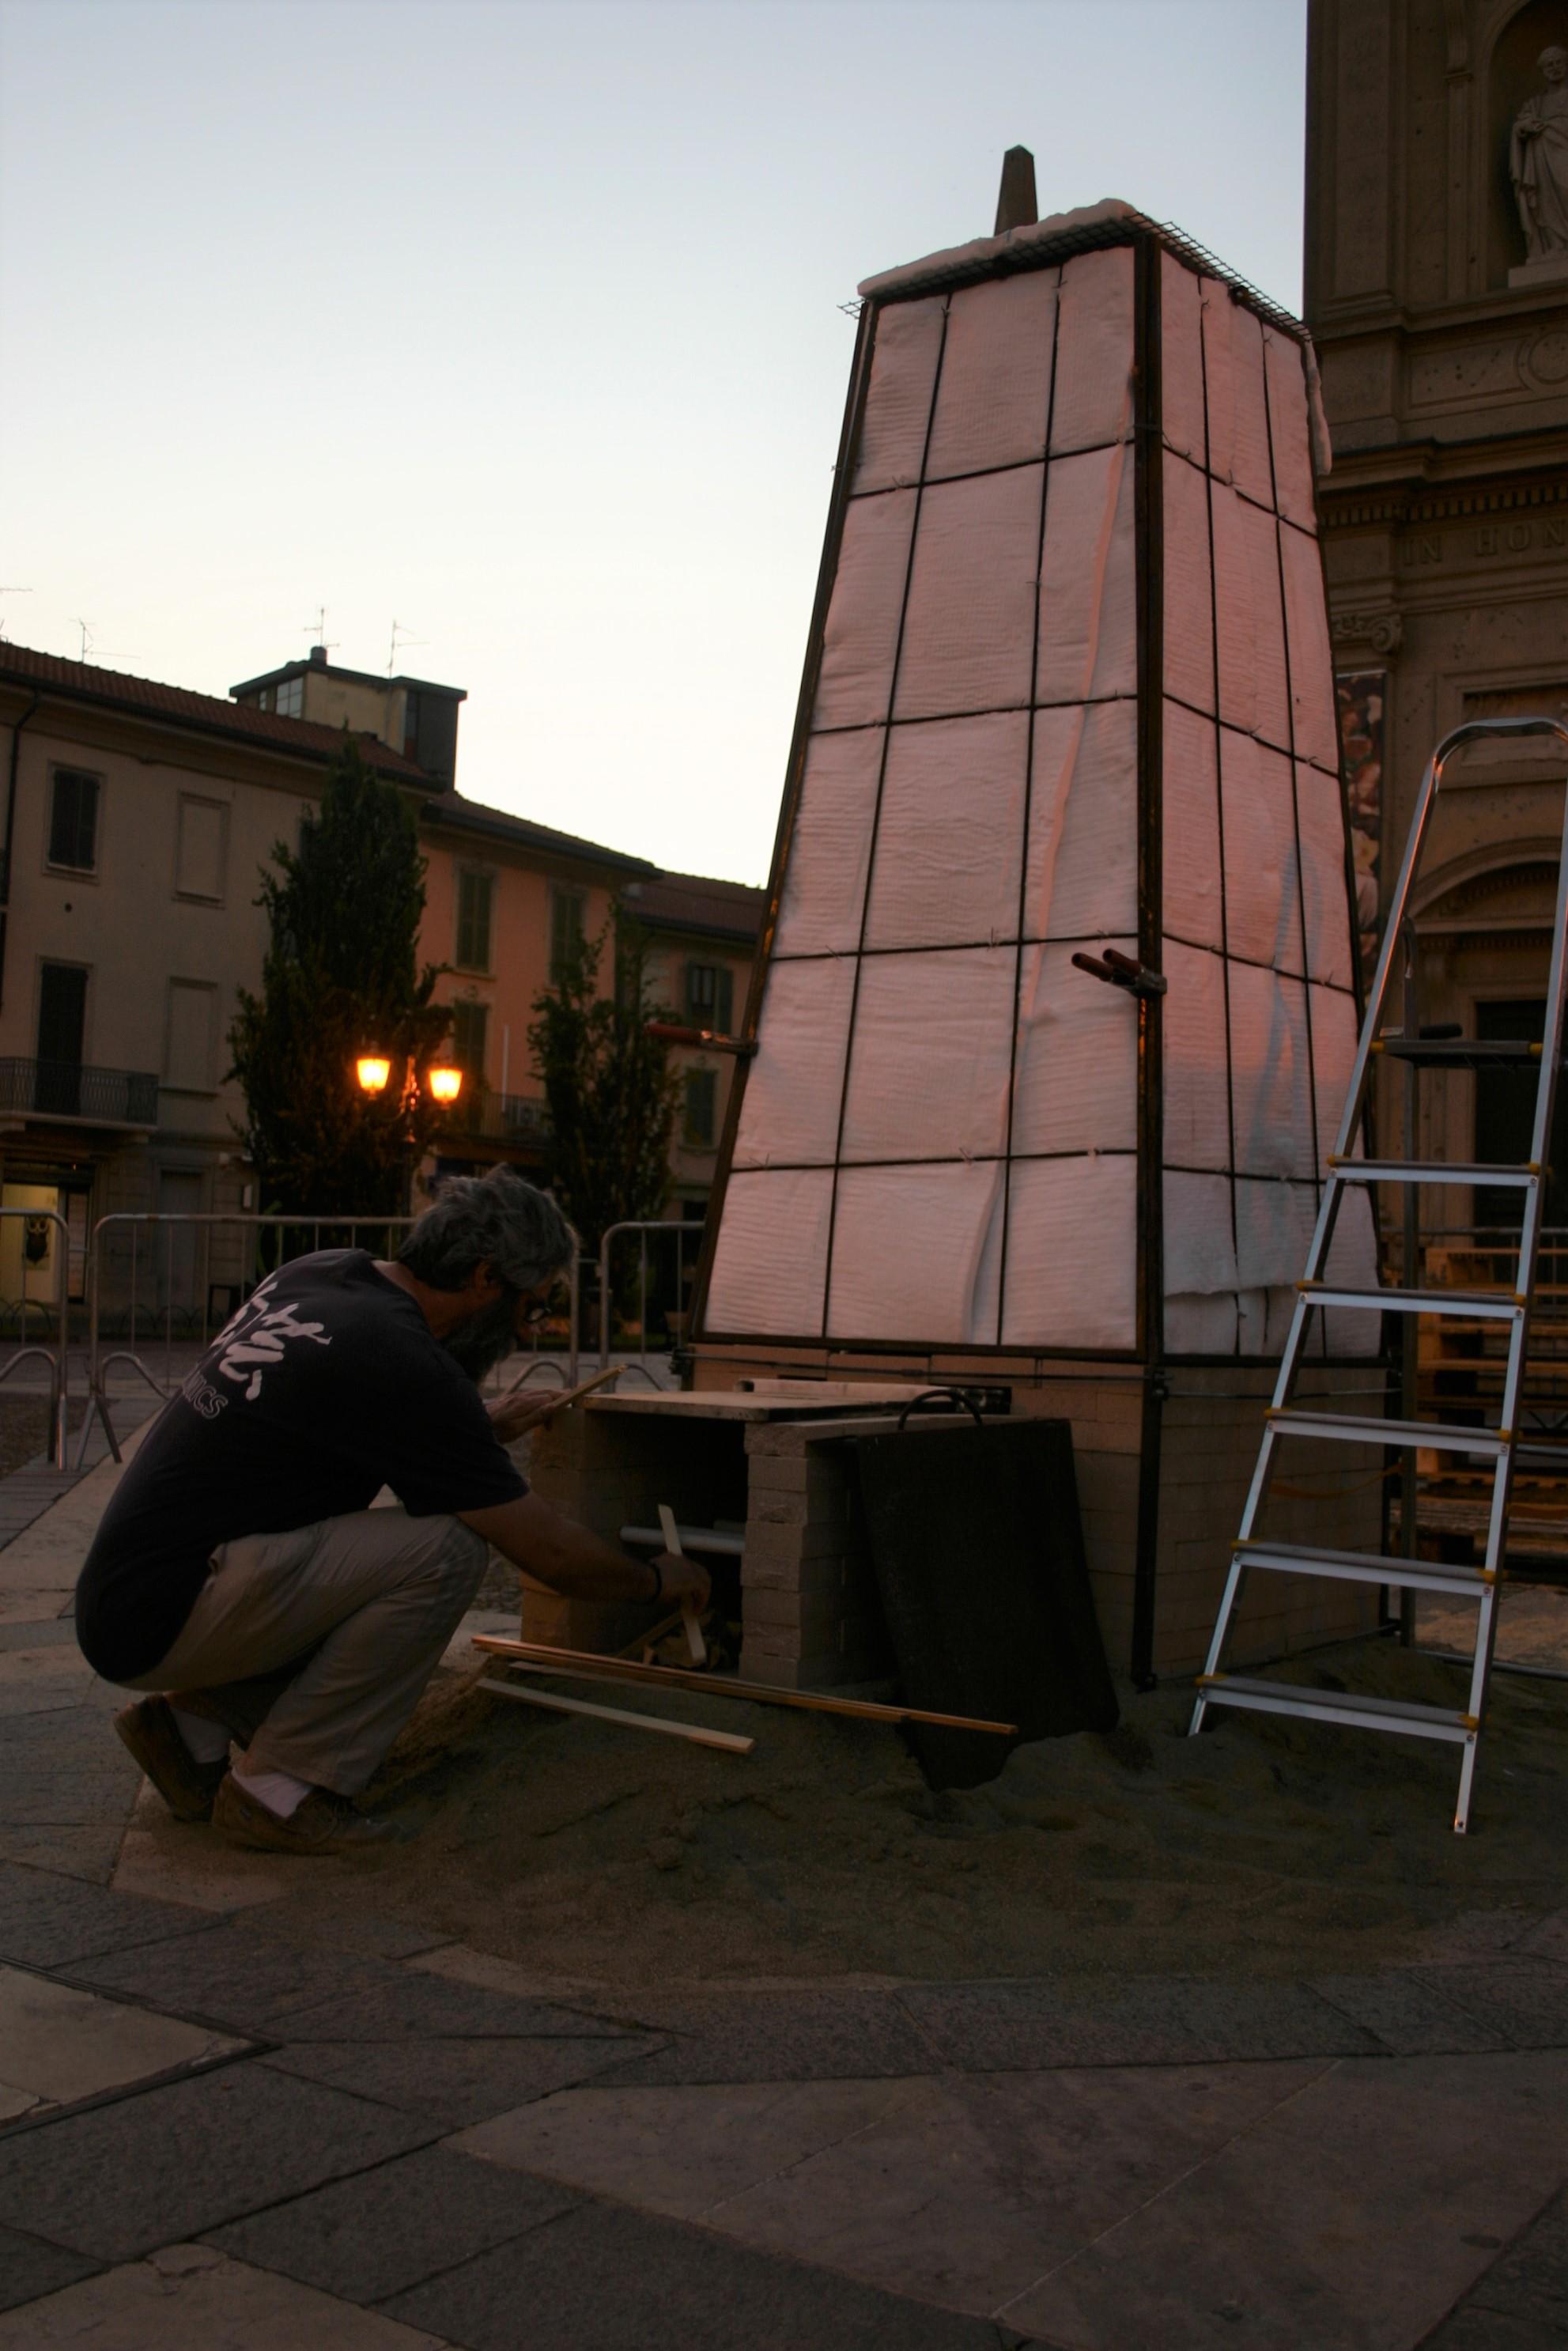 Fuoco e terra: alchimie di libertà – Accensione della fornace in Piazza Libertà, Saronno